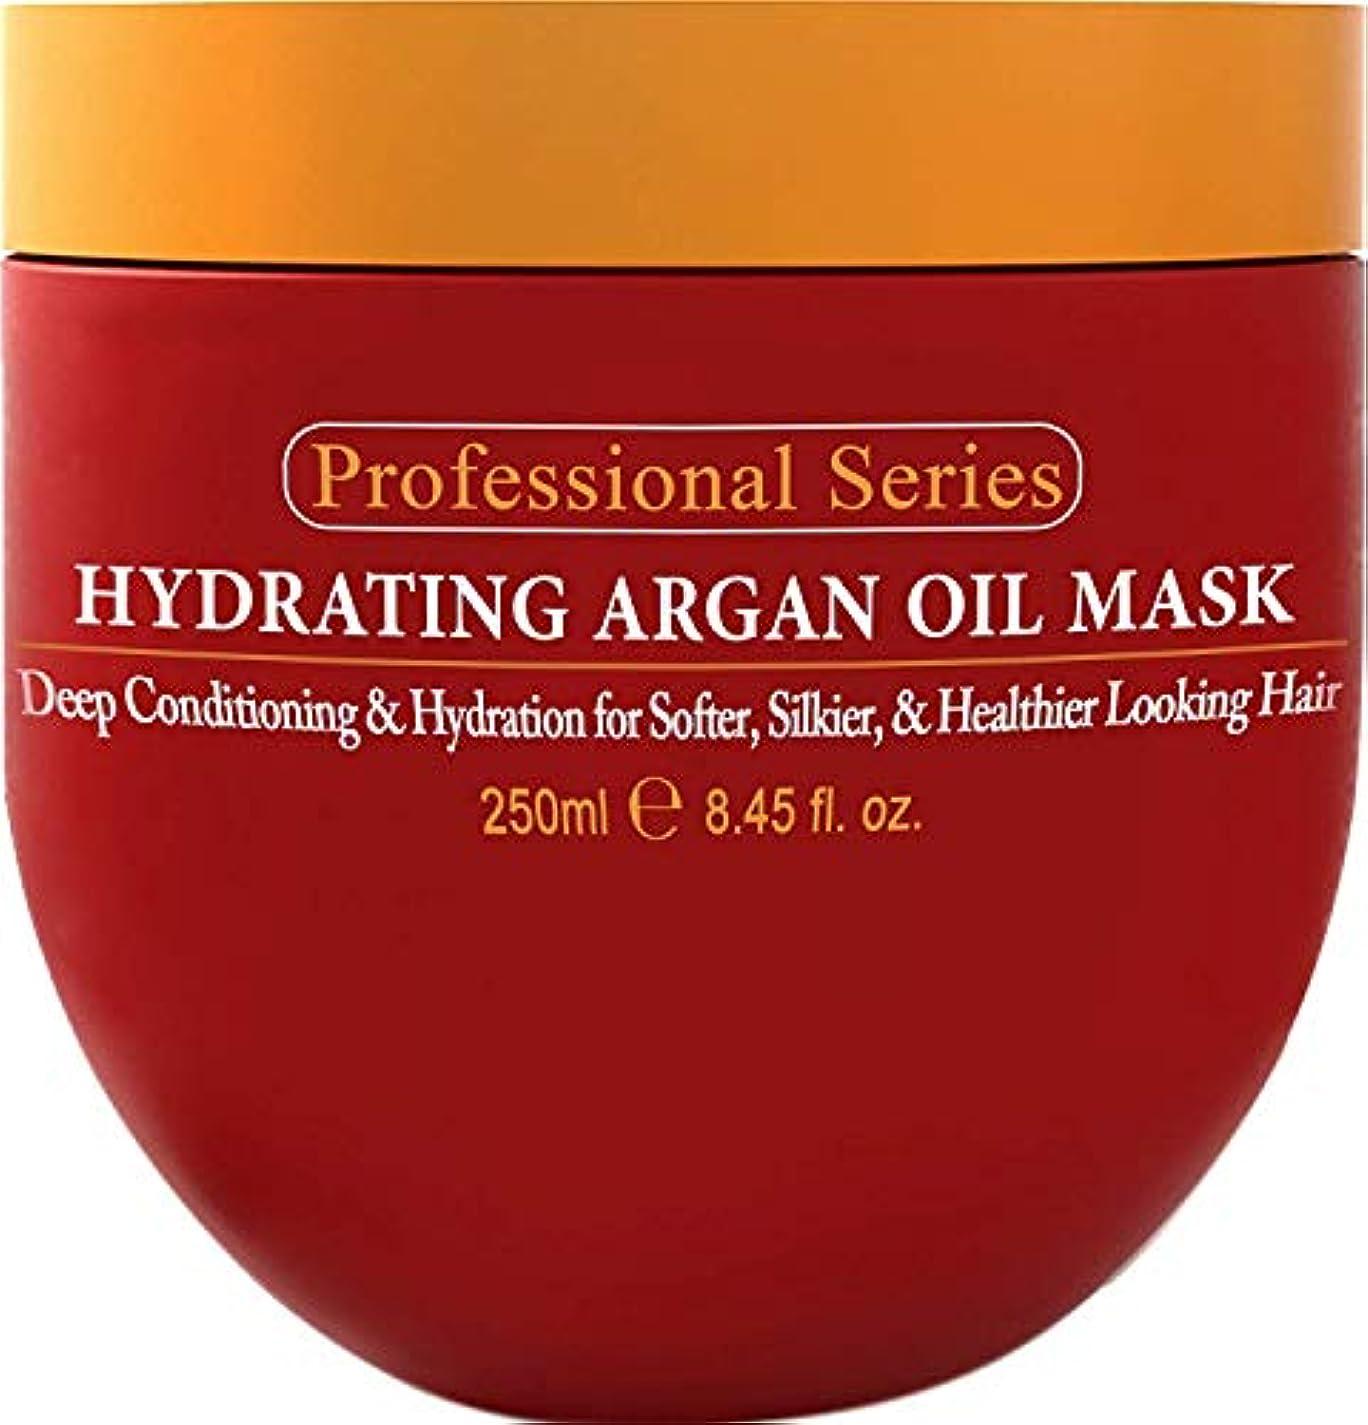 ボンドアーサーコナンドイル無傷Hydrating Argan Oil Hair Mask and Deep Conditioner 8.45 Oz 250ml アルガンオイルヘアマスク